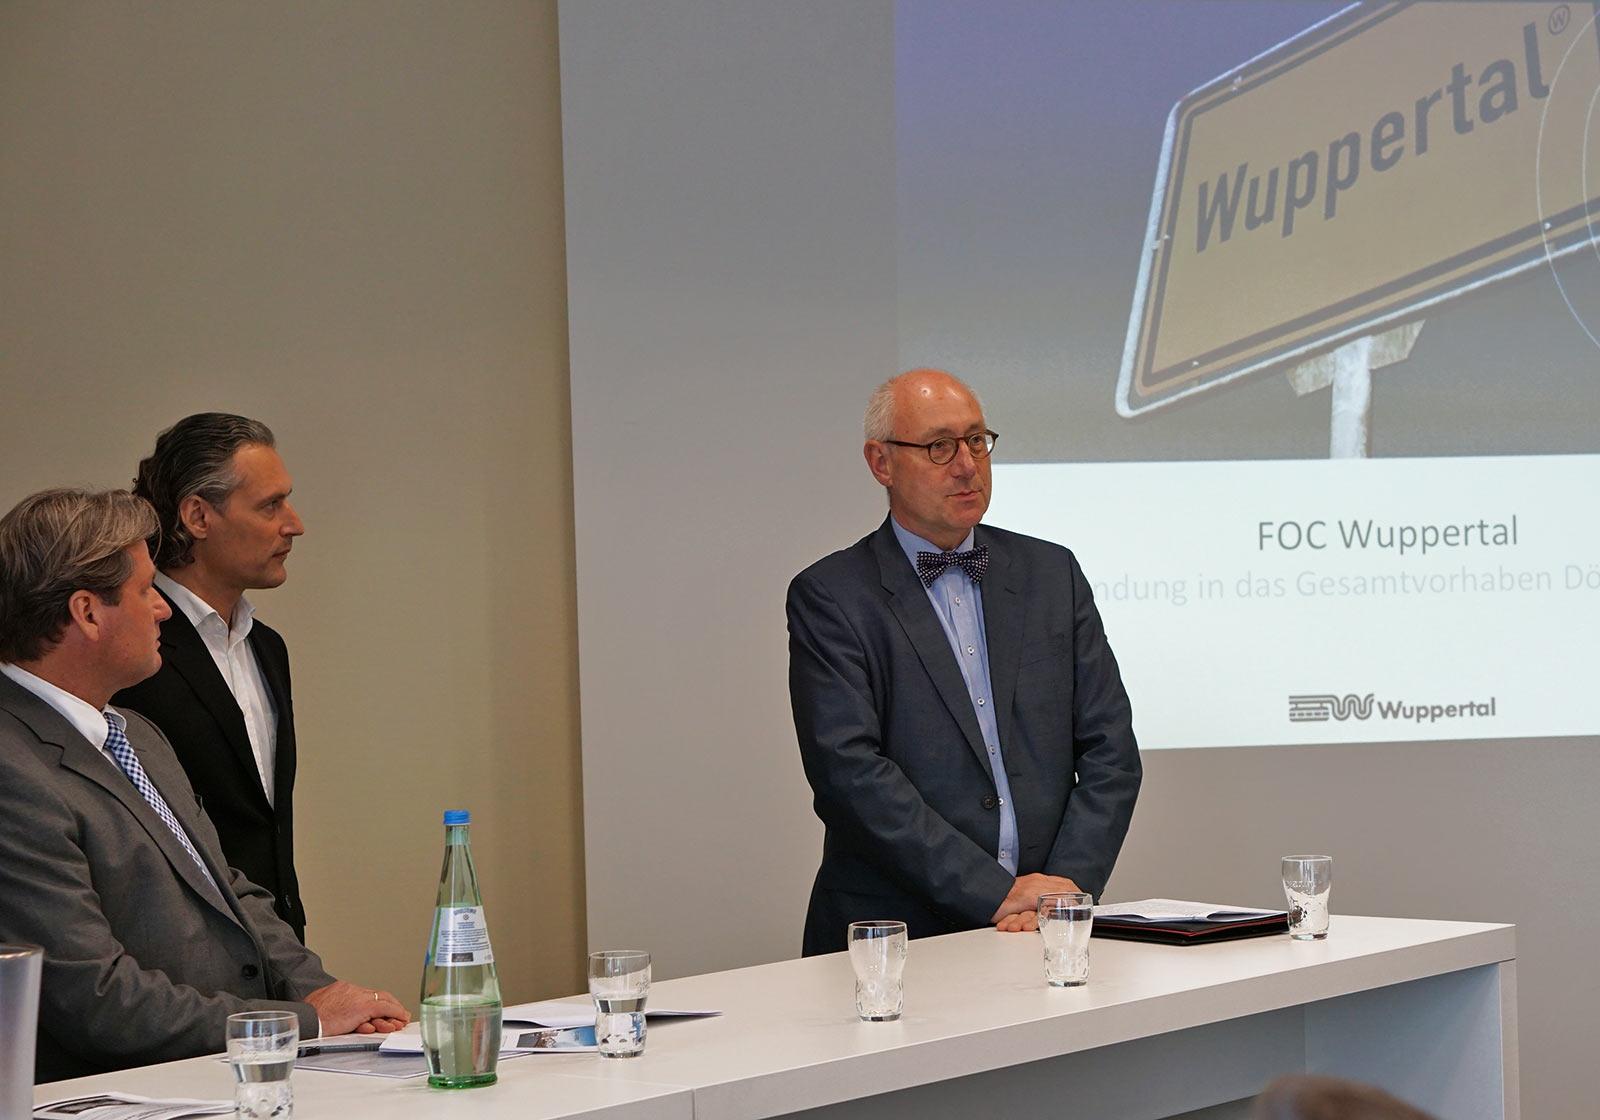 Thomas Reichenauer, Geschäftsführer ROS Outlet Shopping GmbH, Klaus Schmidt, ATP Frankfurt und Dr. Johannes Slawig, Stadtdirektor von Wuppertal stellen sich den zahlreichen Fragen der Journalisten. Foto: Clees Unternehmensgruppe